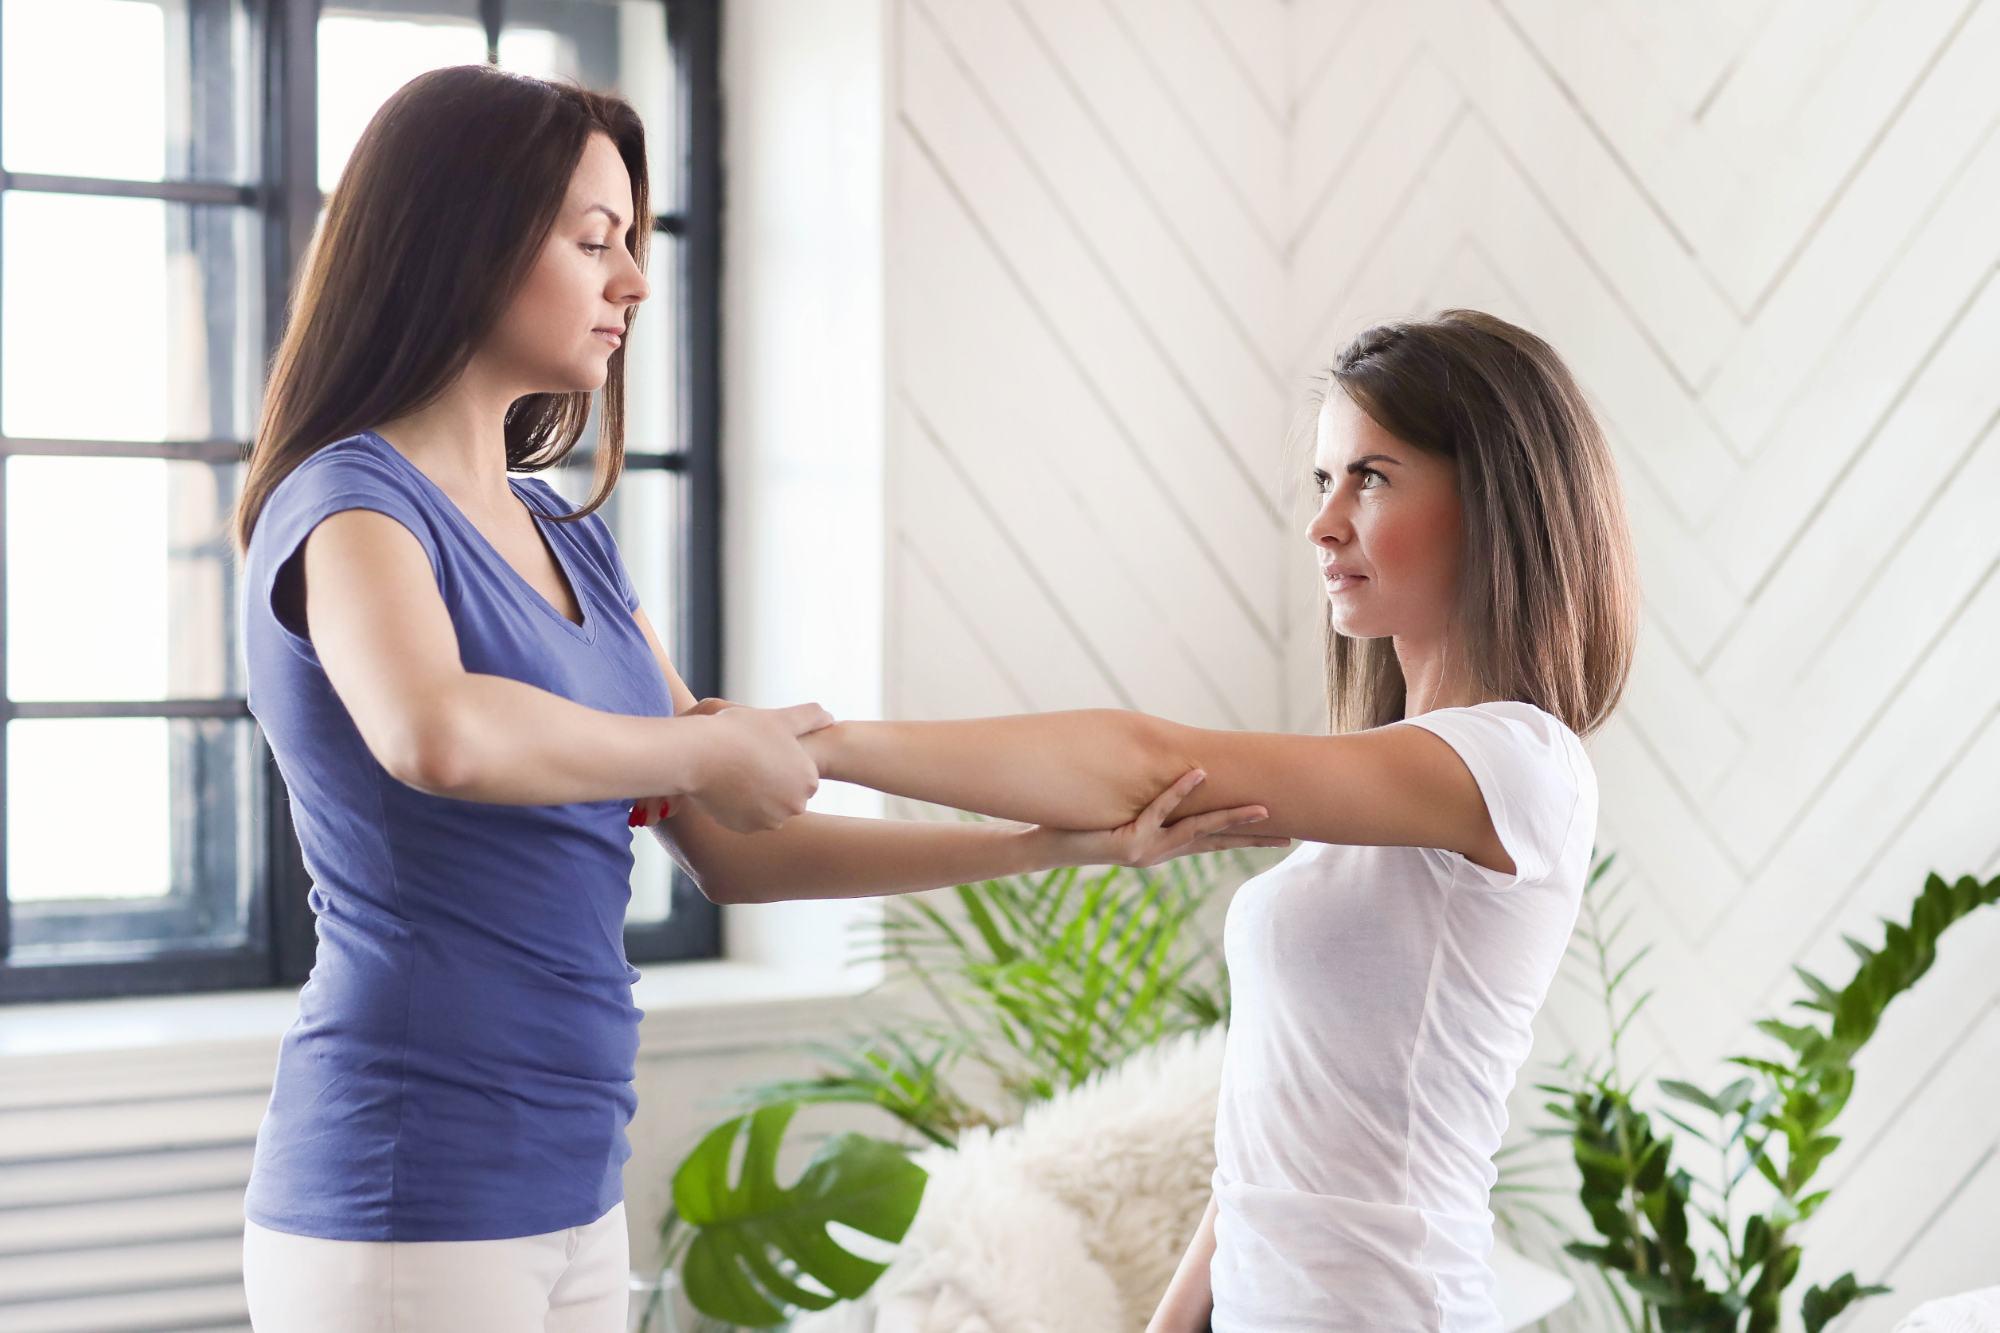 La osteoporosis eleva el riesgo de pérdida auditiva súbita